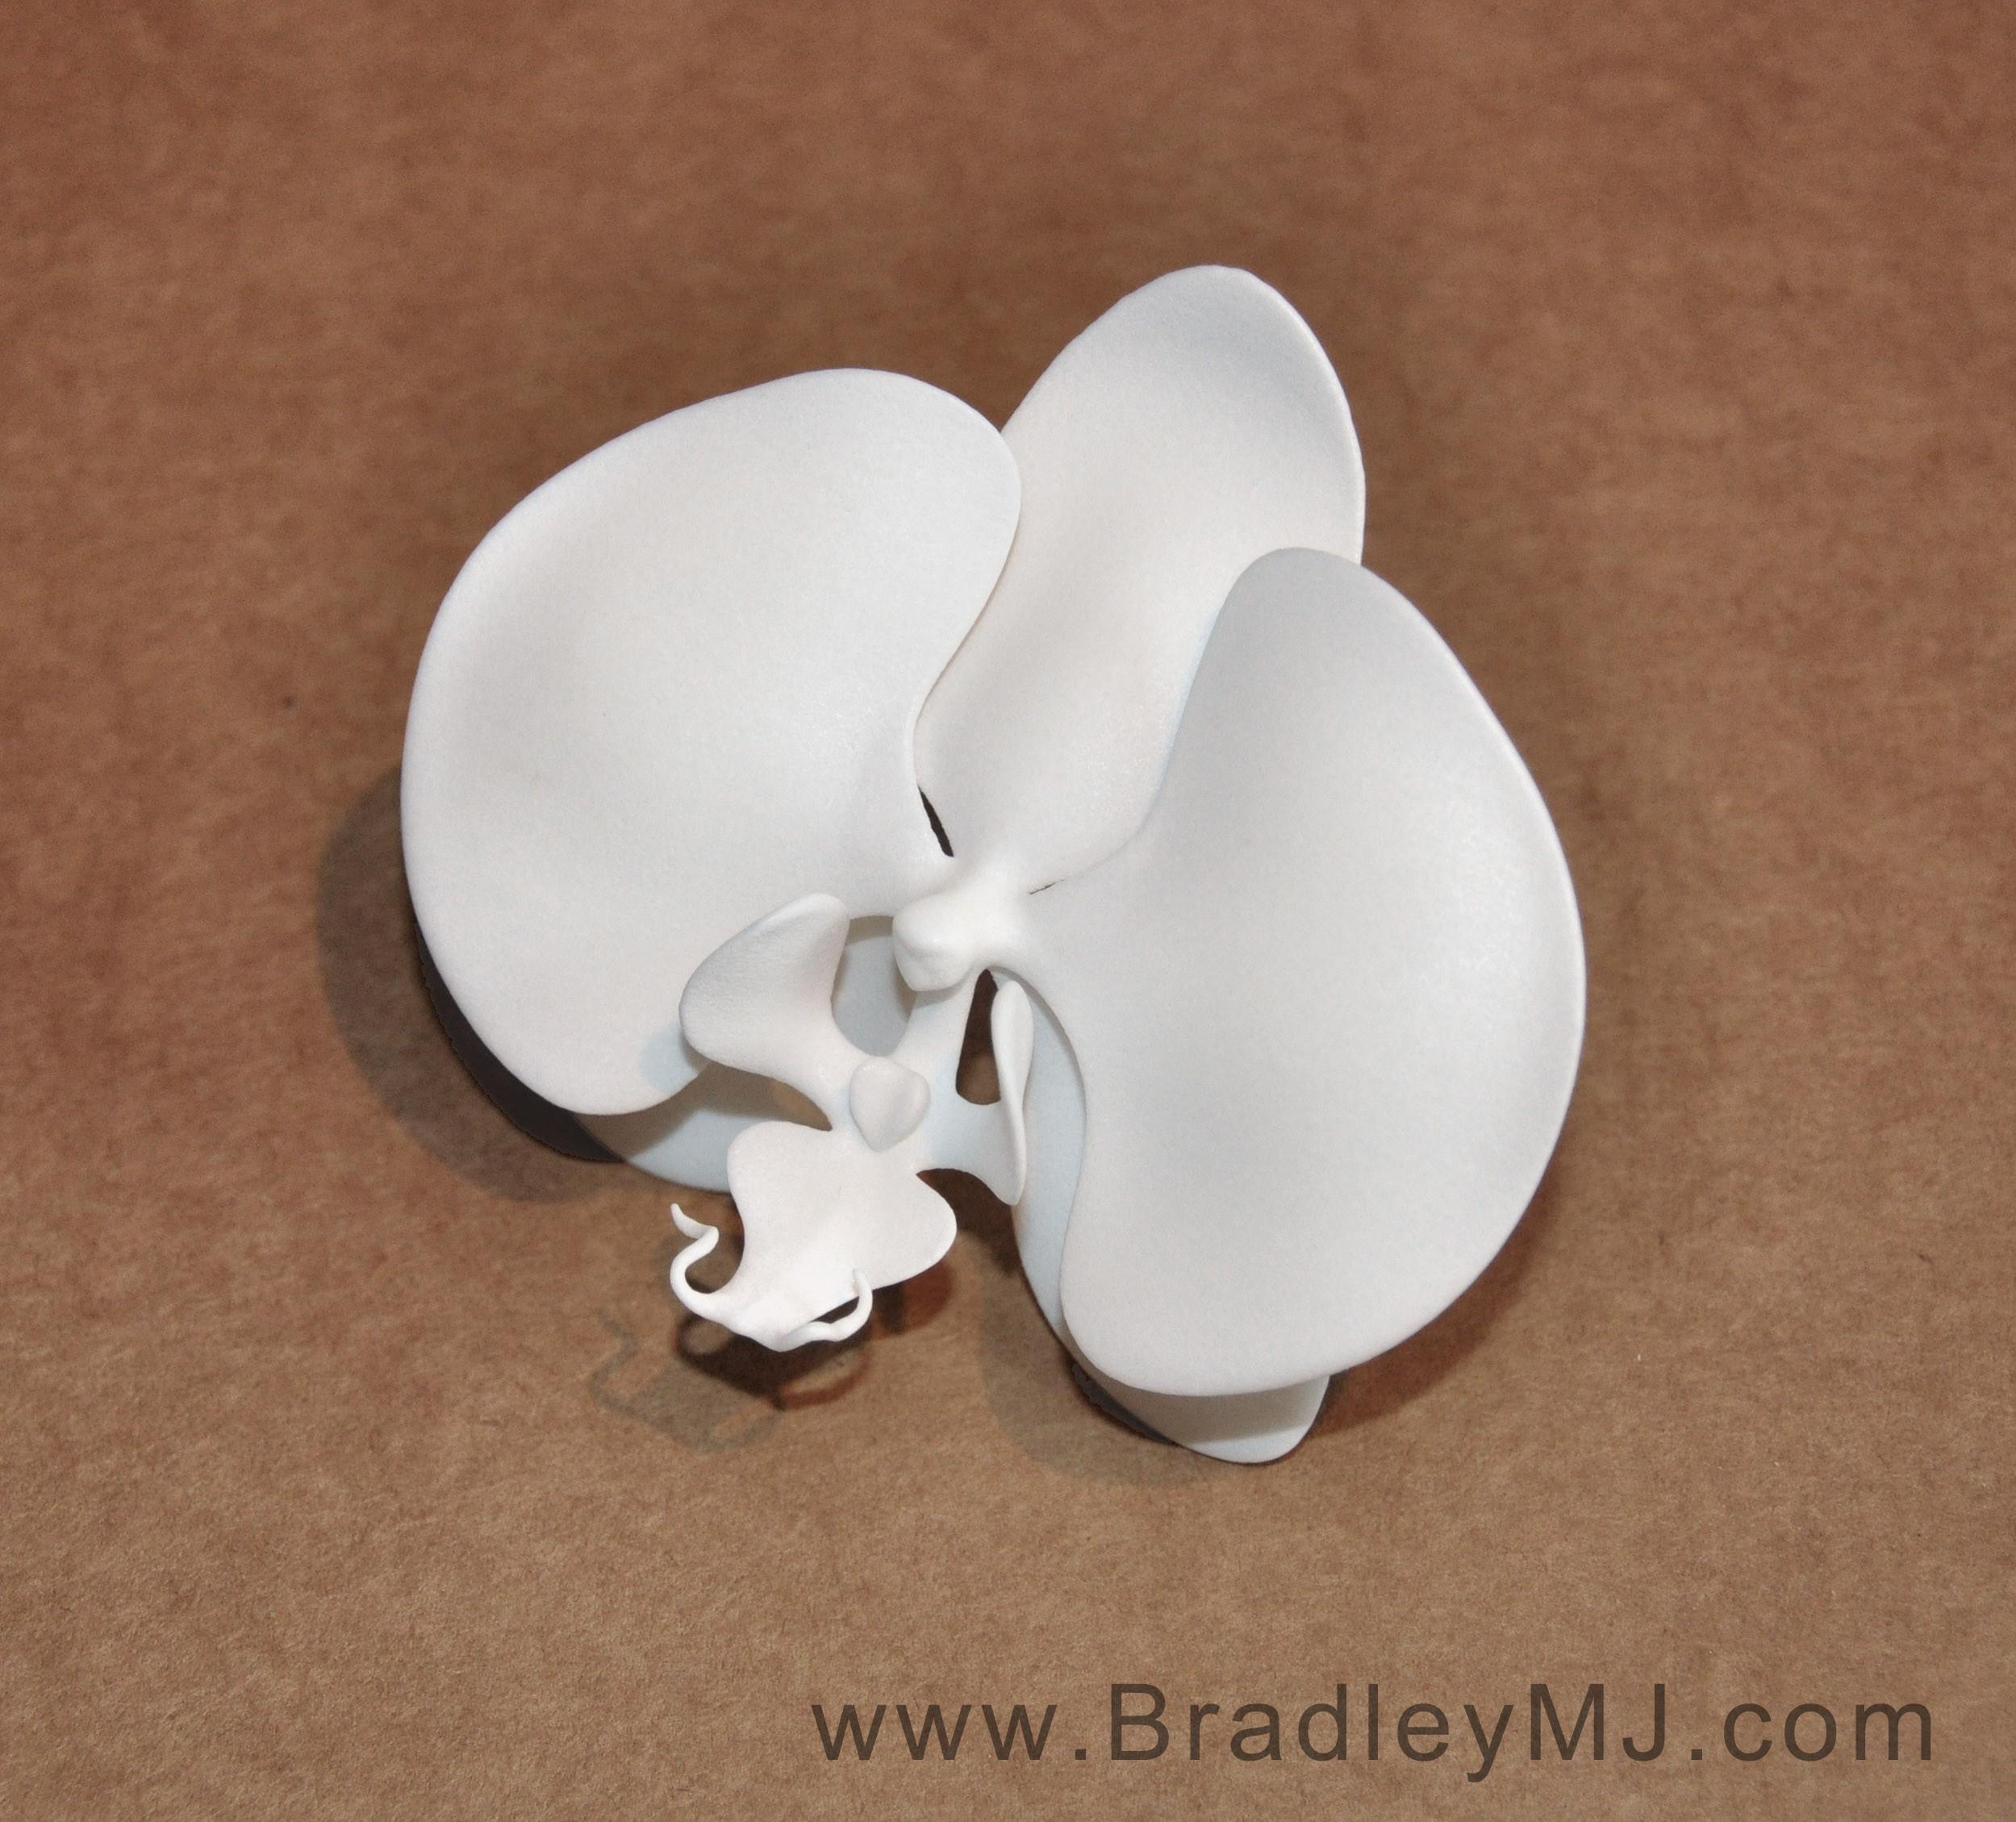 3D print of orchid sculpt